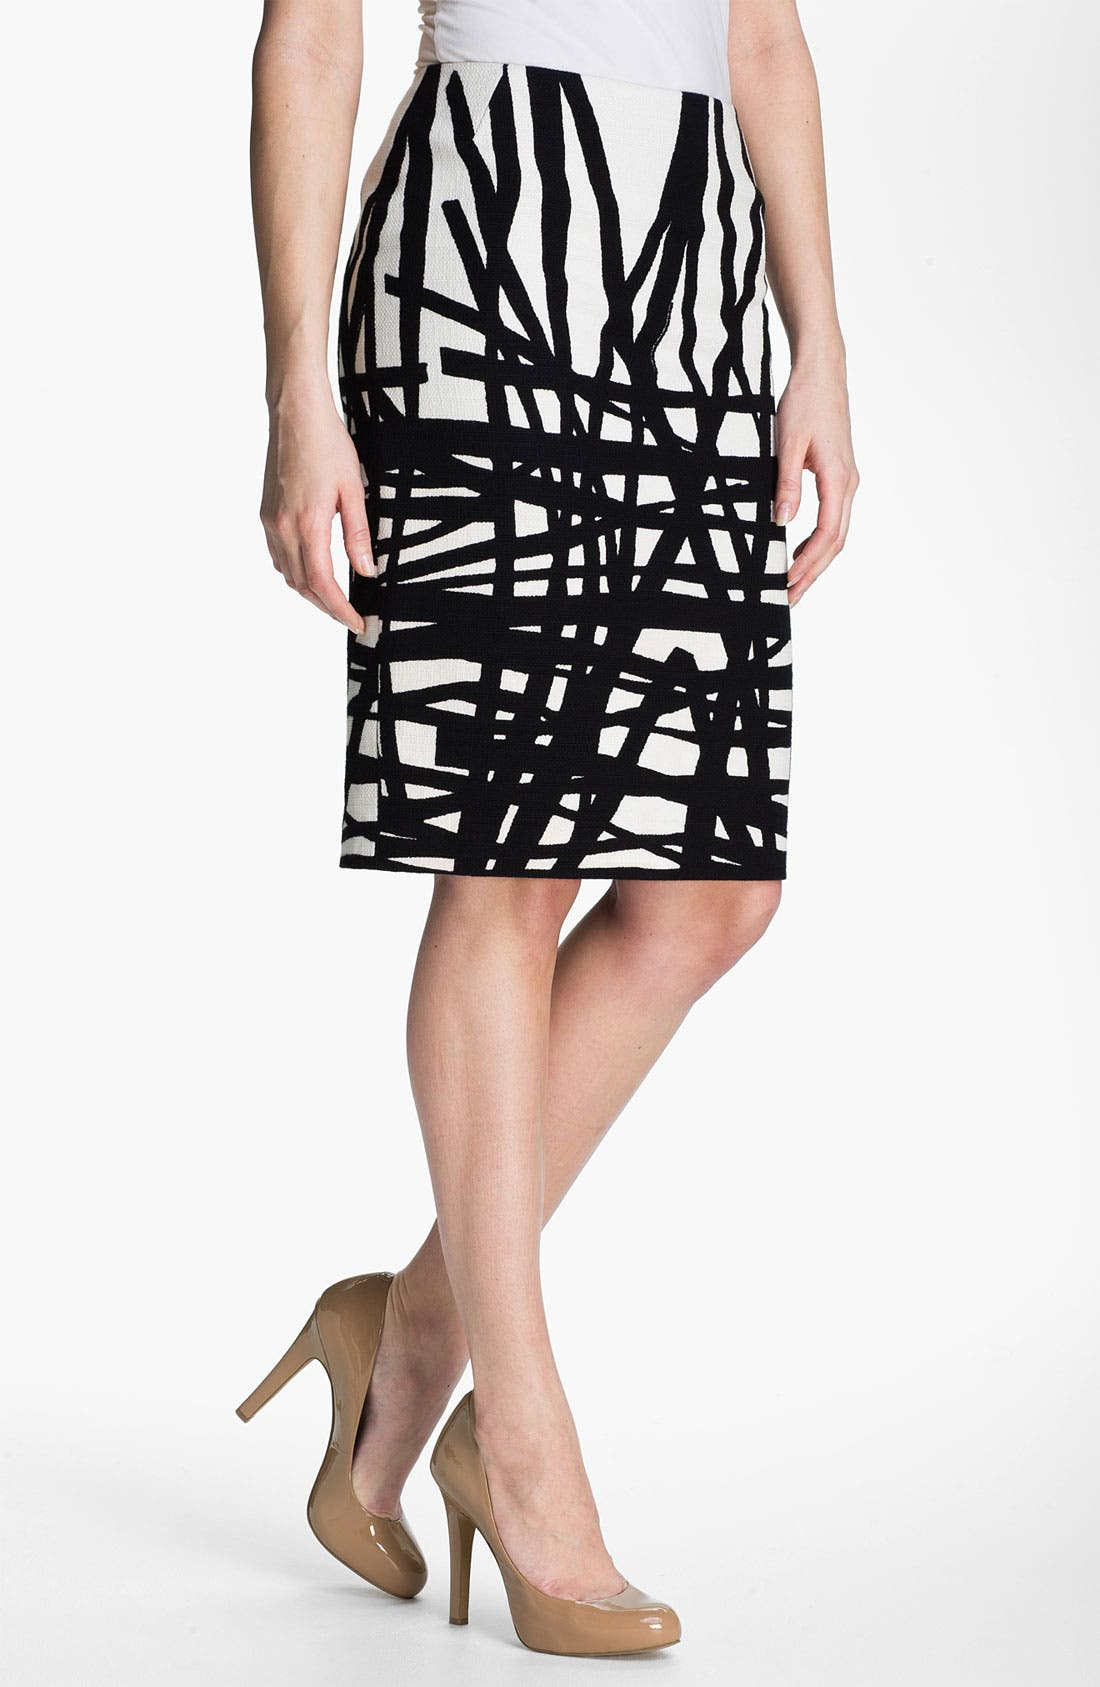 Alternate Image 1 Selected - Lafayette 148 New York 'Profound Stroke' Print Skirt